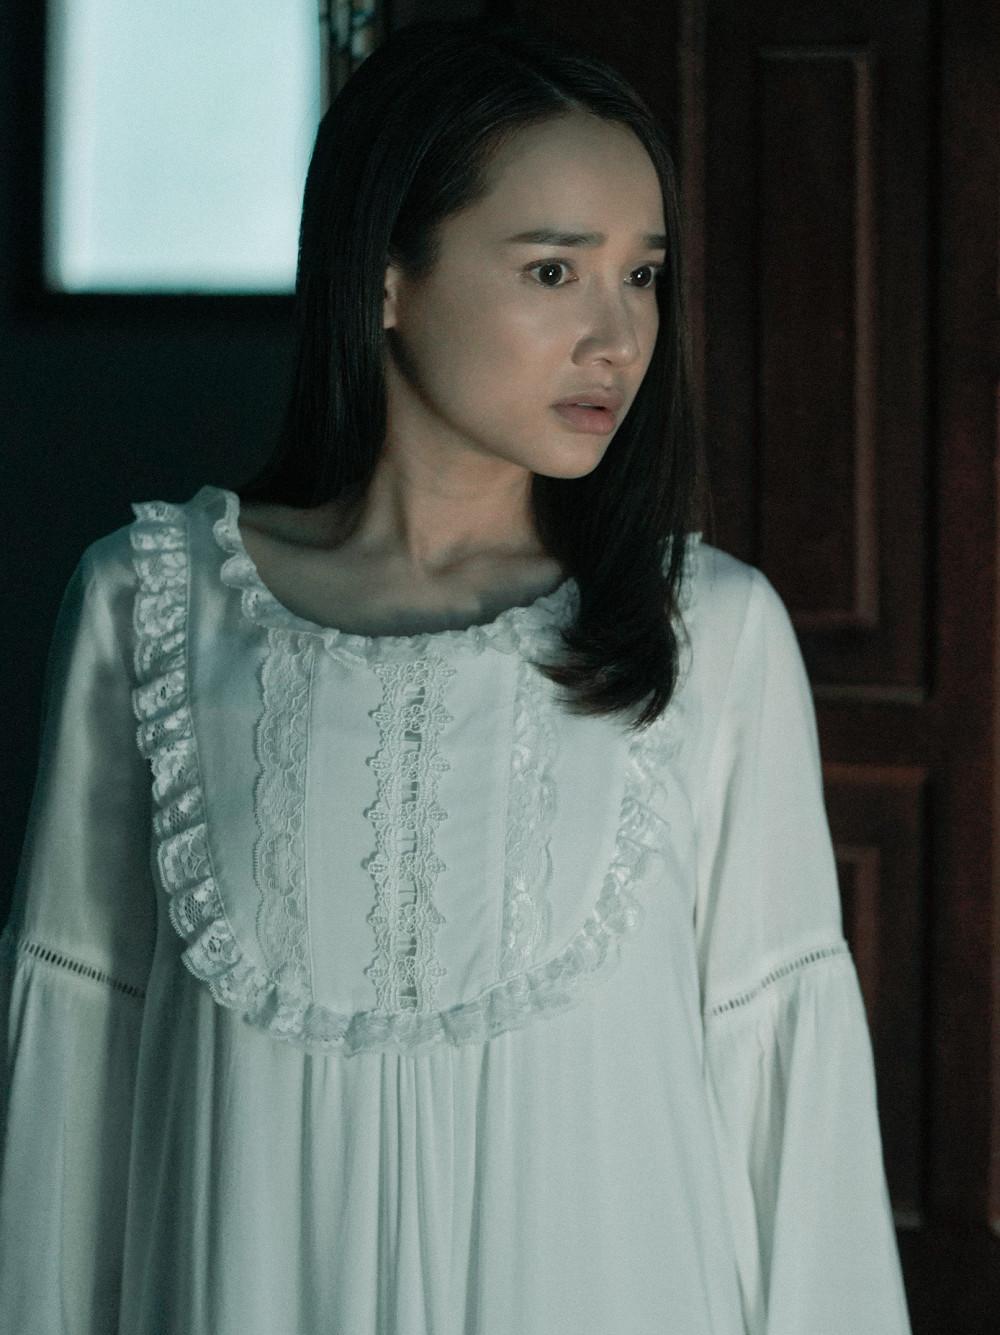 Phim Song song đánh dấu sự tái xuất của Nhã Phương sau thời gian lập gia đình, hoàn thành thiên chức làm mẹ.